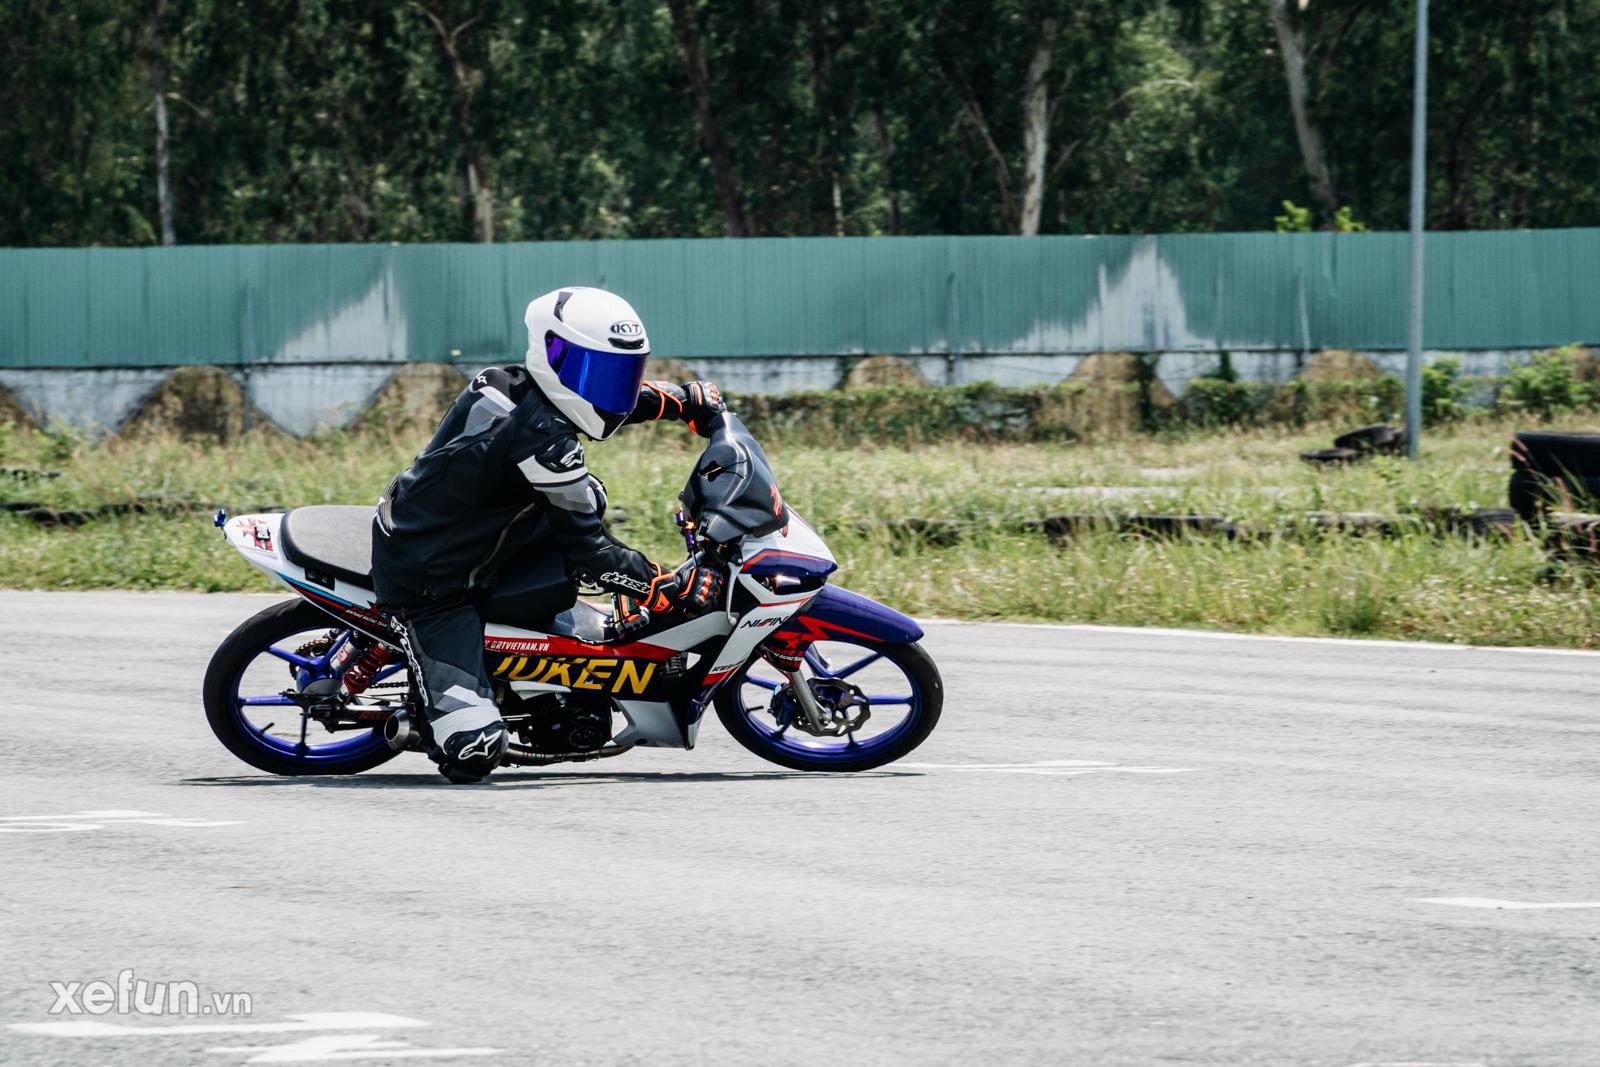 VRRC Summer Test 1 – Chặng đua khởi động VRRC mùa giải 2021 Xefun 40